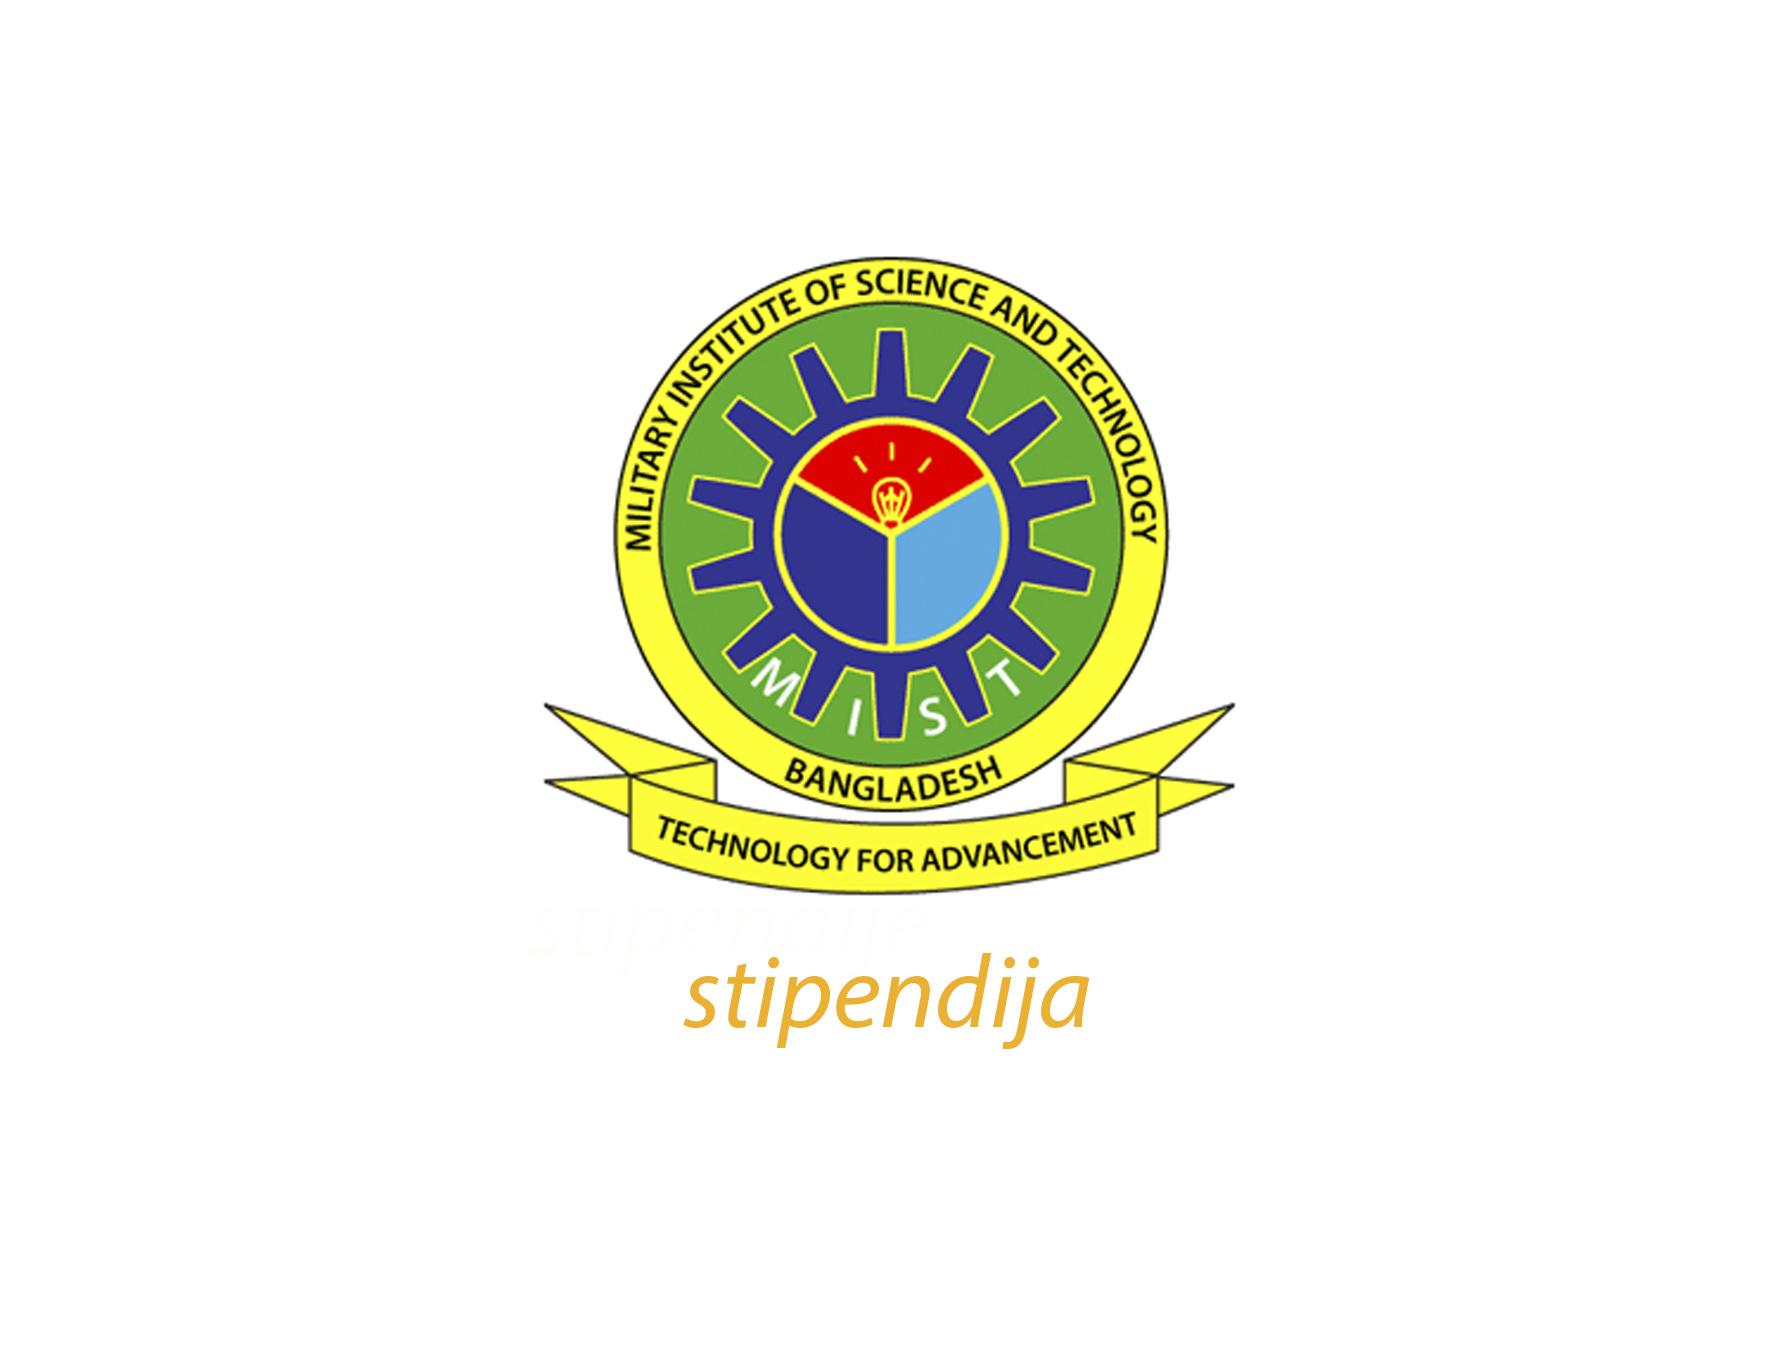 Studij na vojnom institutu za nauku i tehnologiju u Daki (Bangladeš)